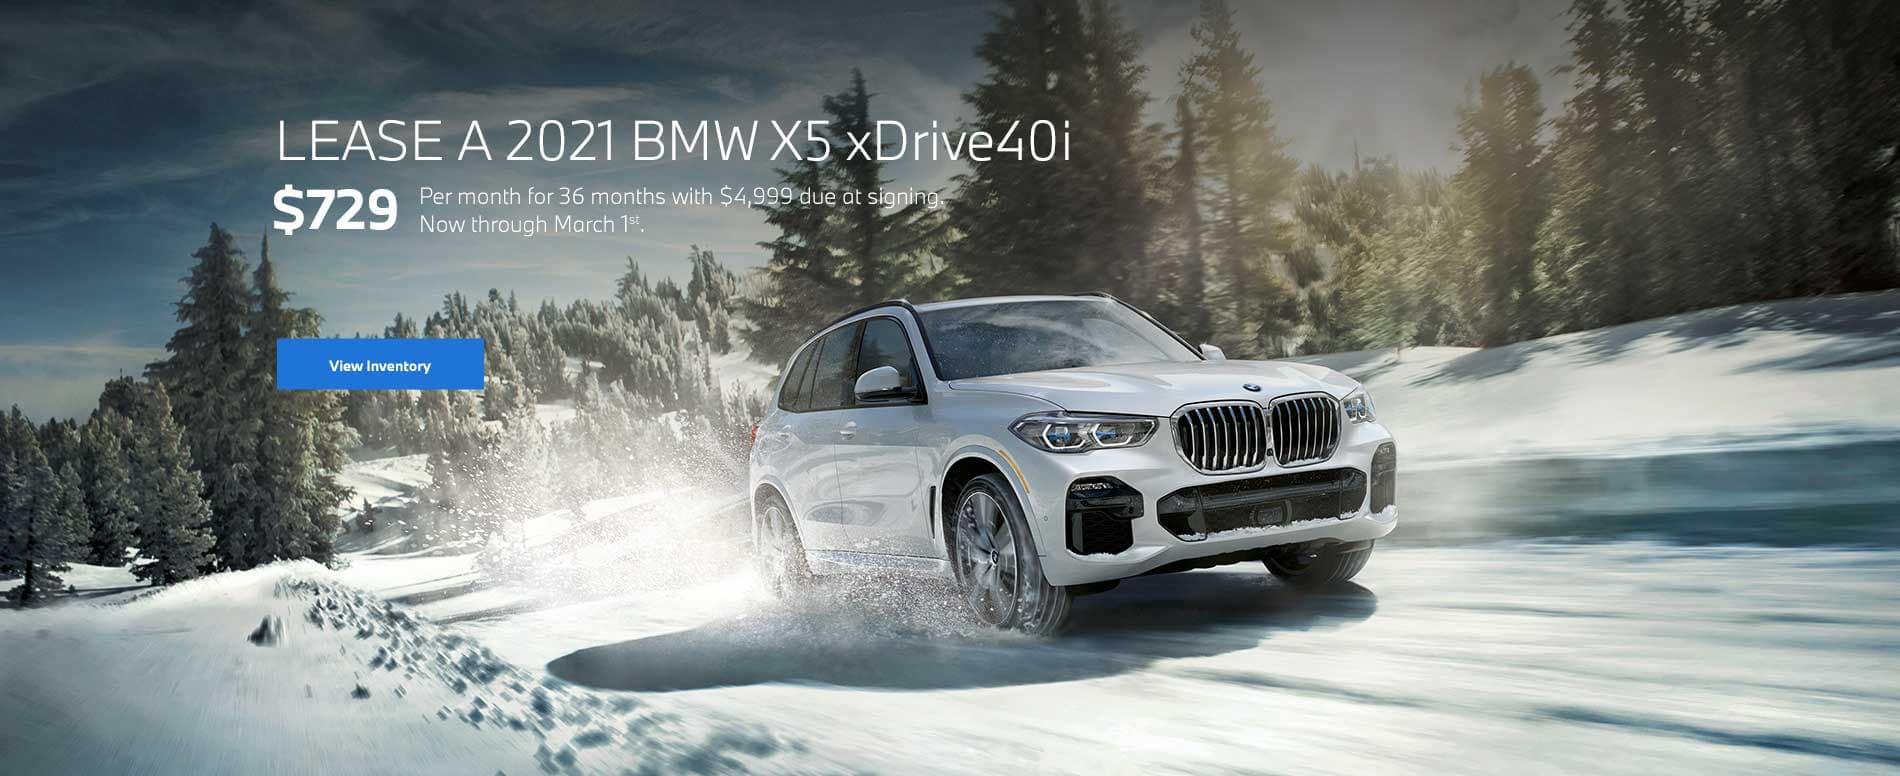 2021 BMW X5 Lease